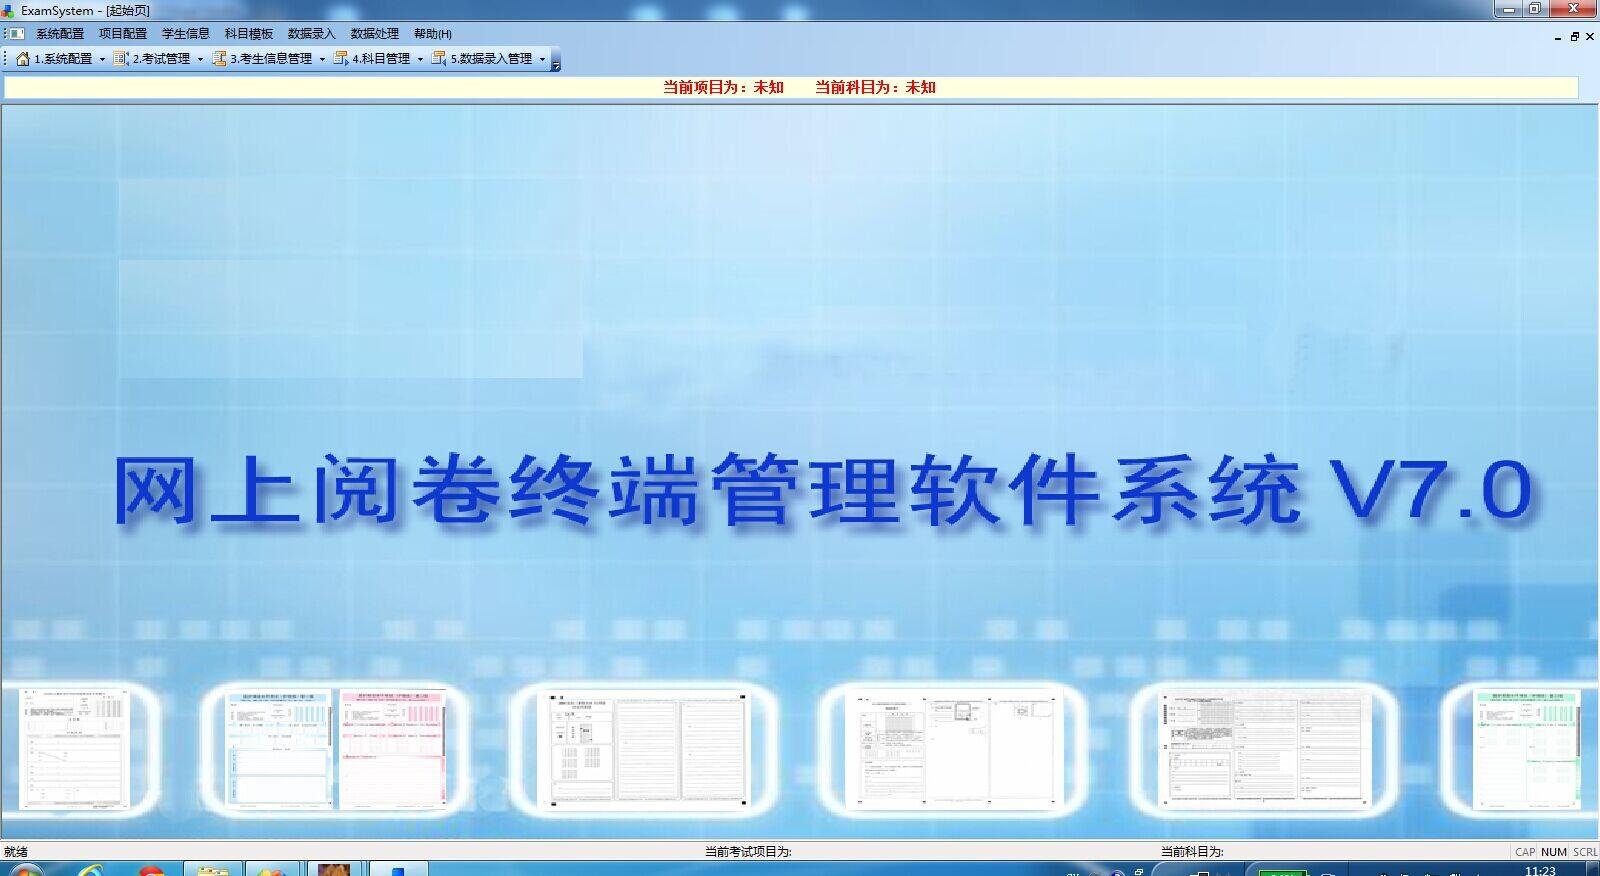 荆州网上阅卷报价 网上阅卷干部考核方案|新闻动态-河北文柏云考科技发展有限公司